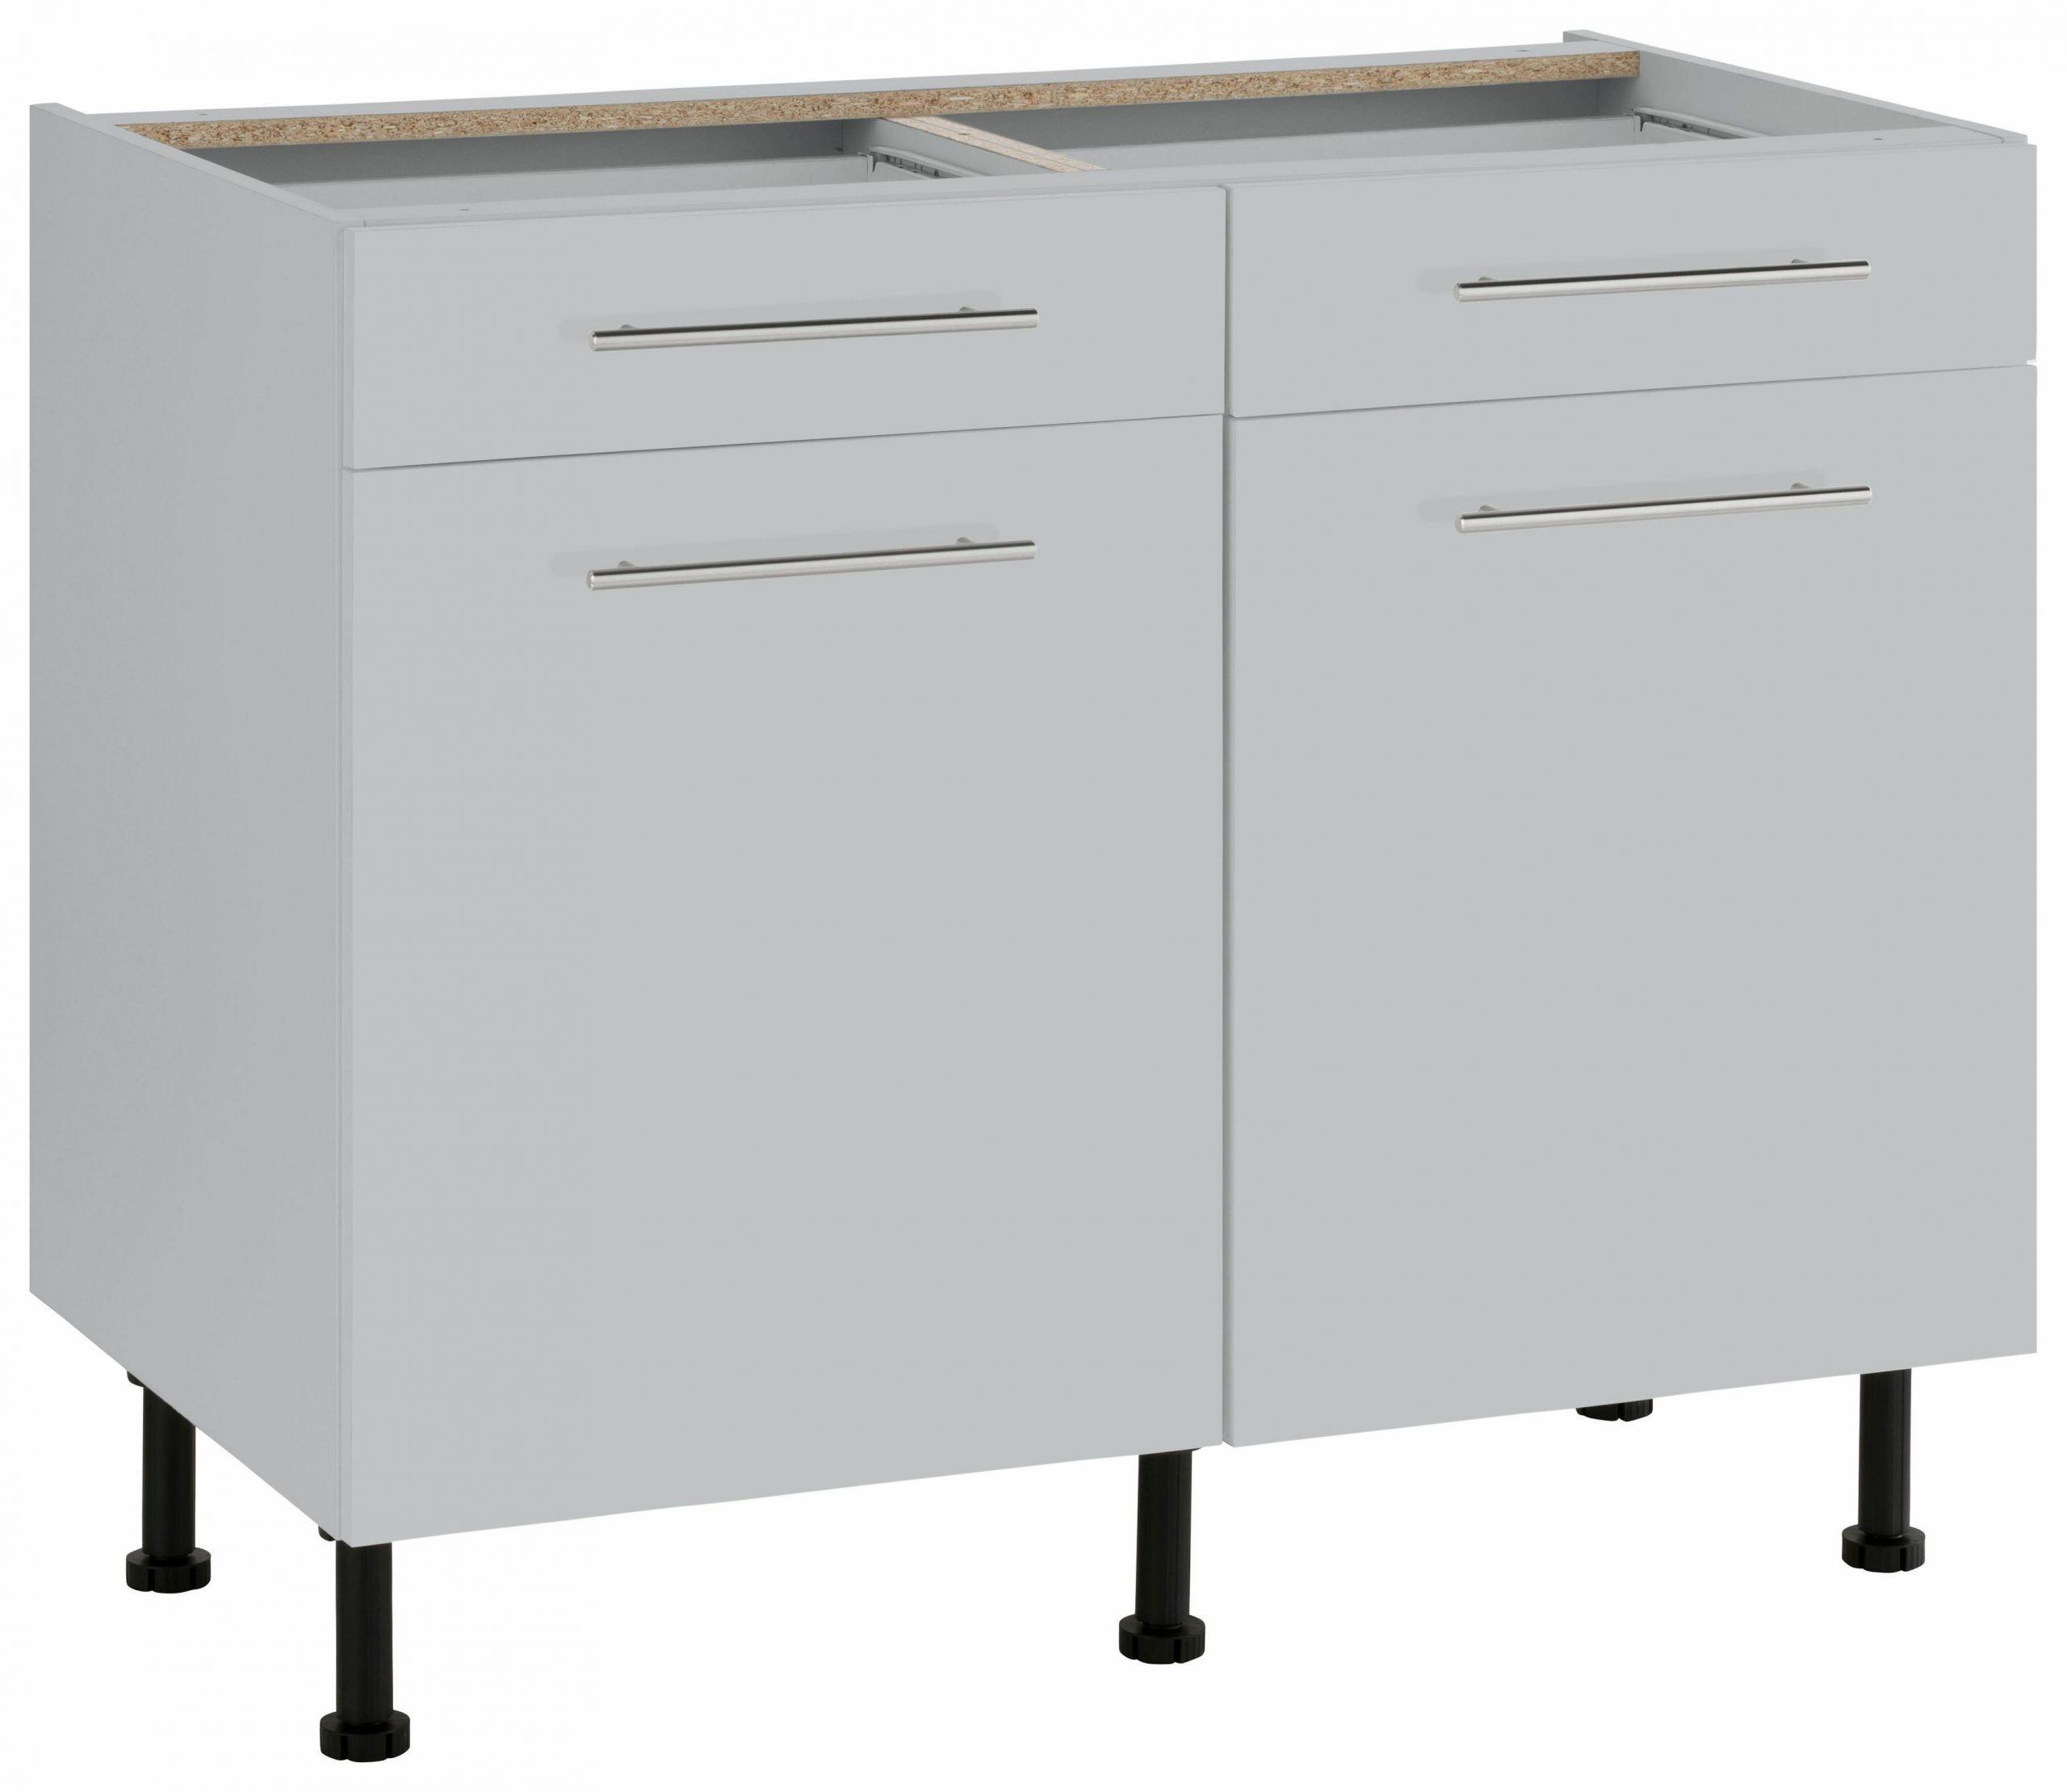 Full Size of Küchenunterschrank Wiho Kchen Unterschrank Ela Bestellen Baur Wohnzimmer Küchenunterschrank